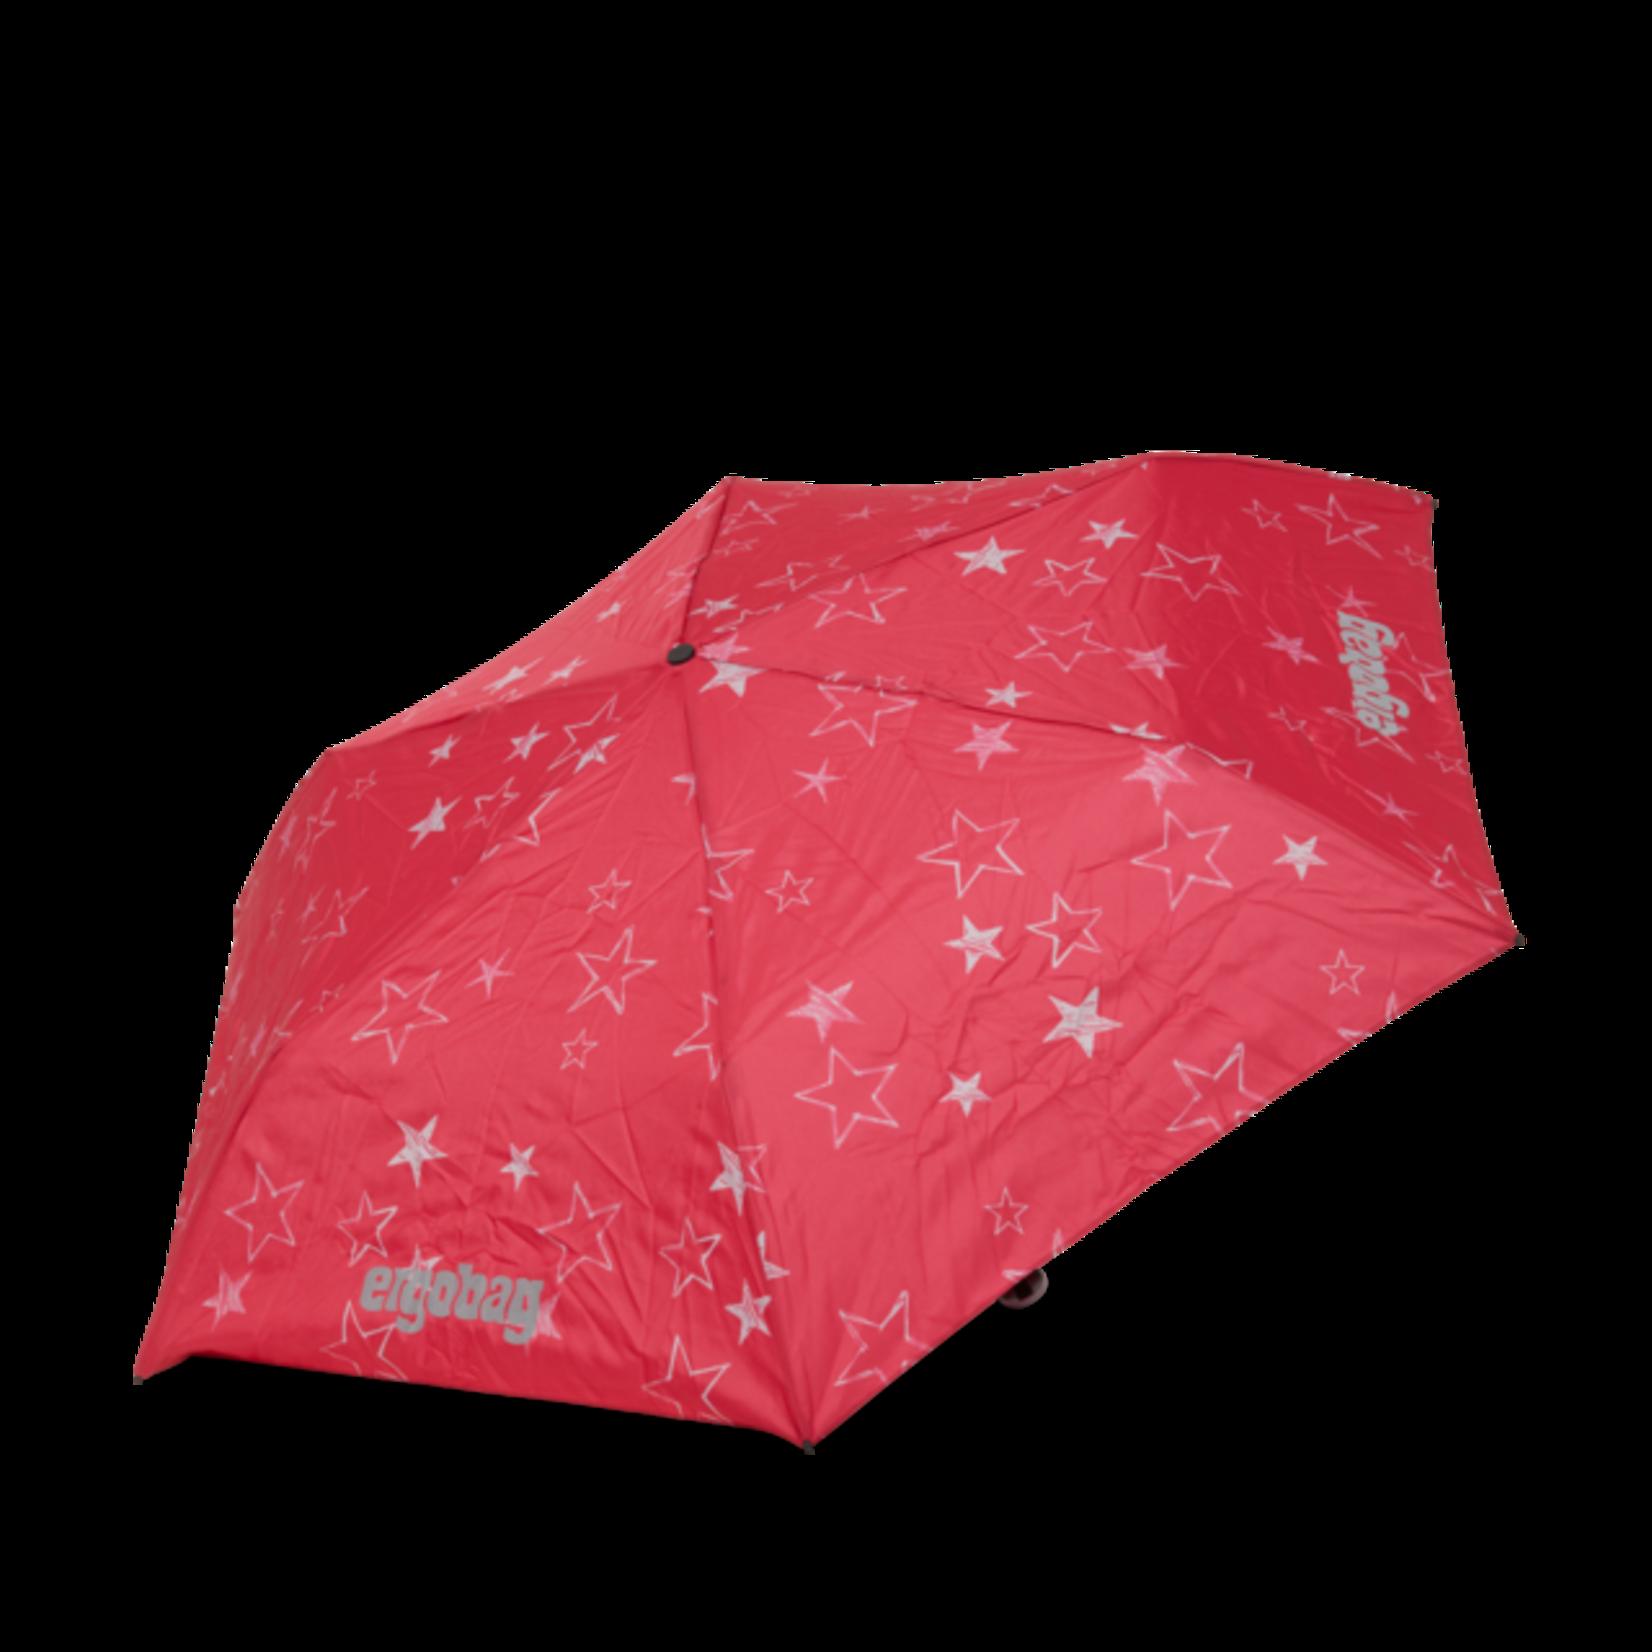 ERGOBAG Ergobag Regenschirm